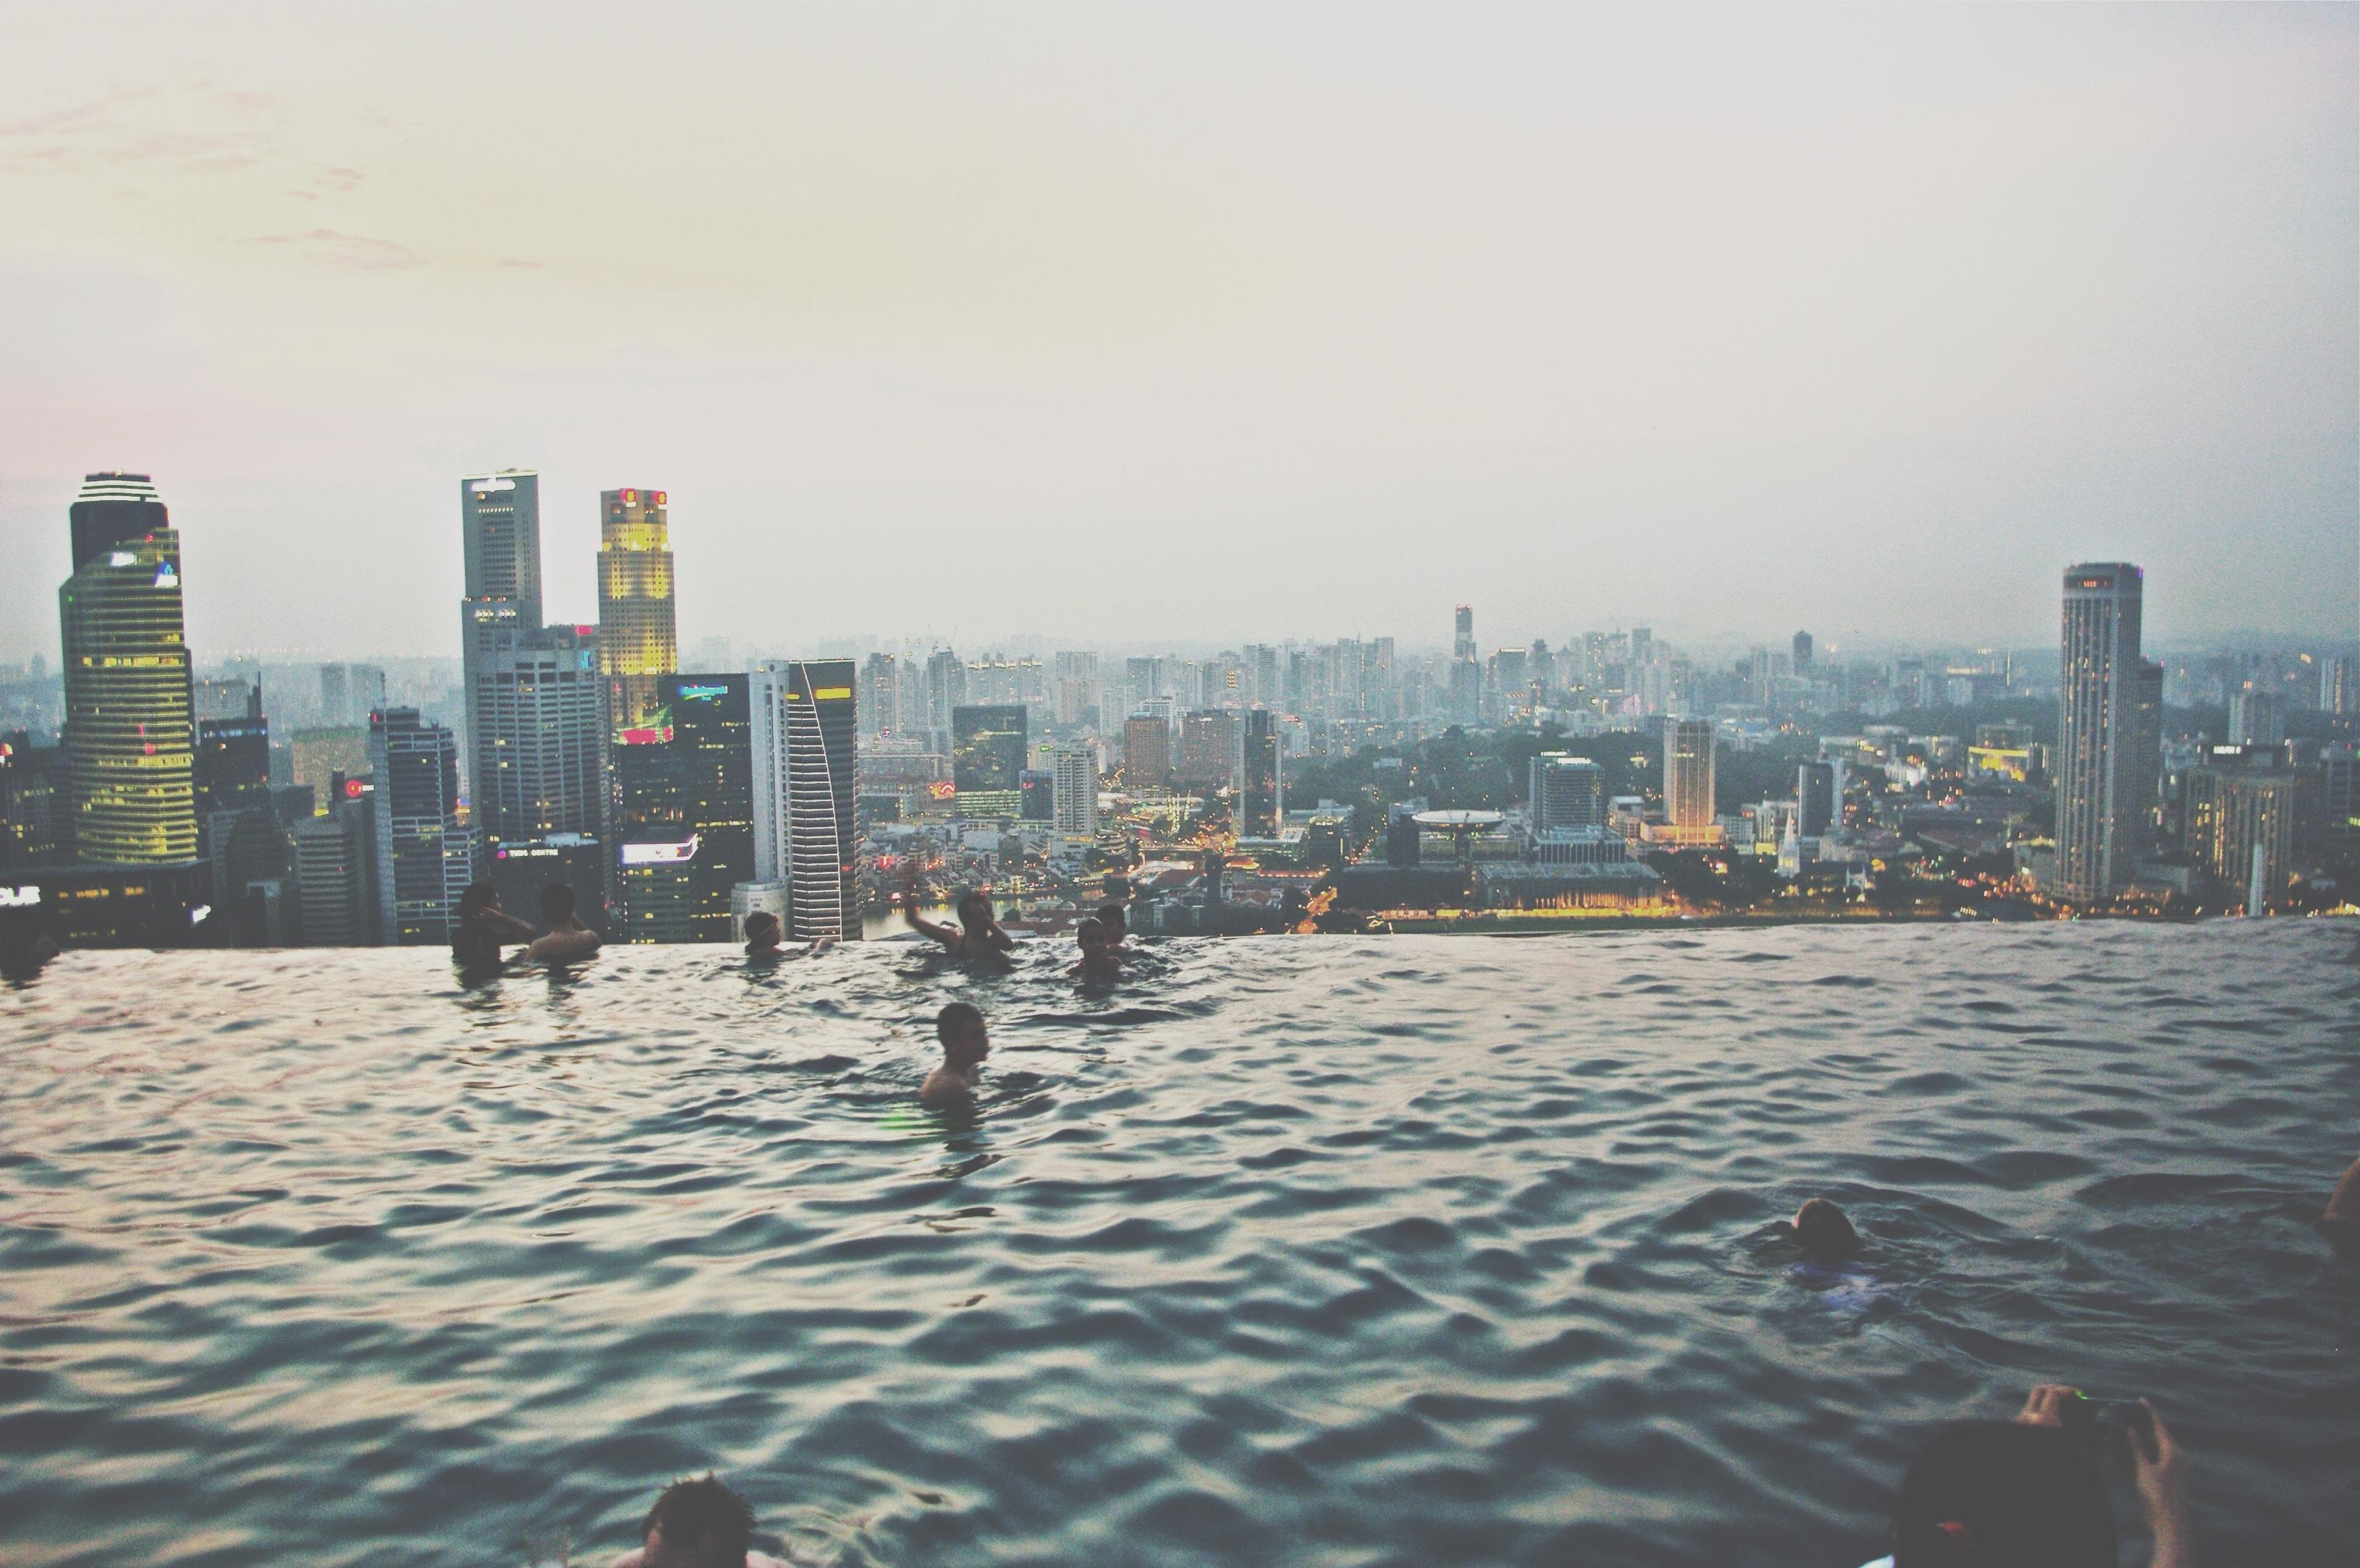 Outro destino imperdível no sudeste asiático é Cingapura, um grande exemplo da cidade moderna! Essa semana, o país completou 49 anos de independência! Antes, essa ilha era território malaio, e só tinha florestas tropicais! Hoje, é uma das cidades-Estado com mais arranhas-céus do mundo, com uns dos principals portos da Ásia!  Essa foto foi tirada na piscina do hotel Marina Bay Sands, com borda infinita, e a melhor vista da cidade!